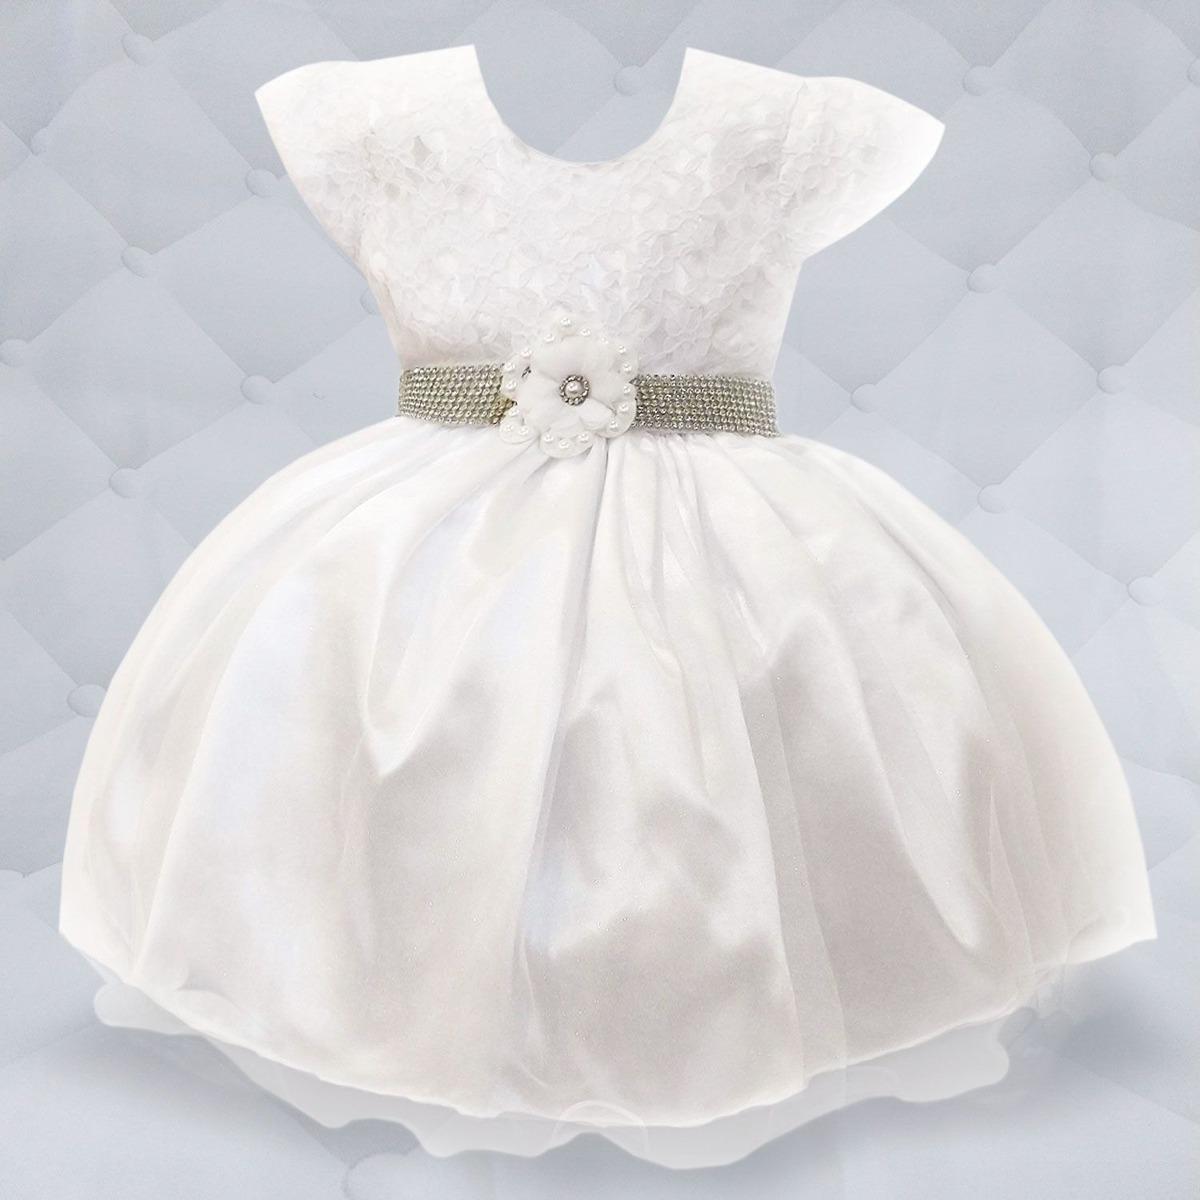 95b6a27ab4 vestido branco com cinto de strass. Carregando zoom.